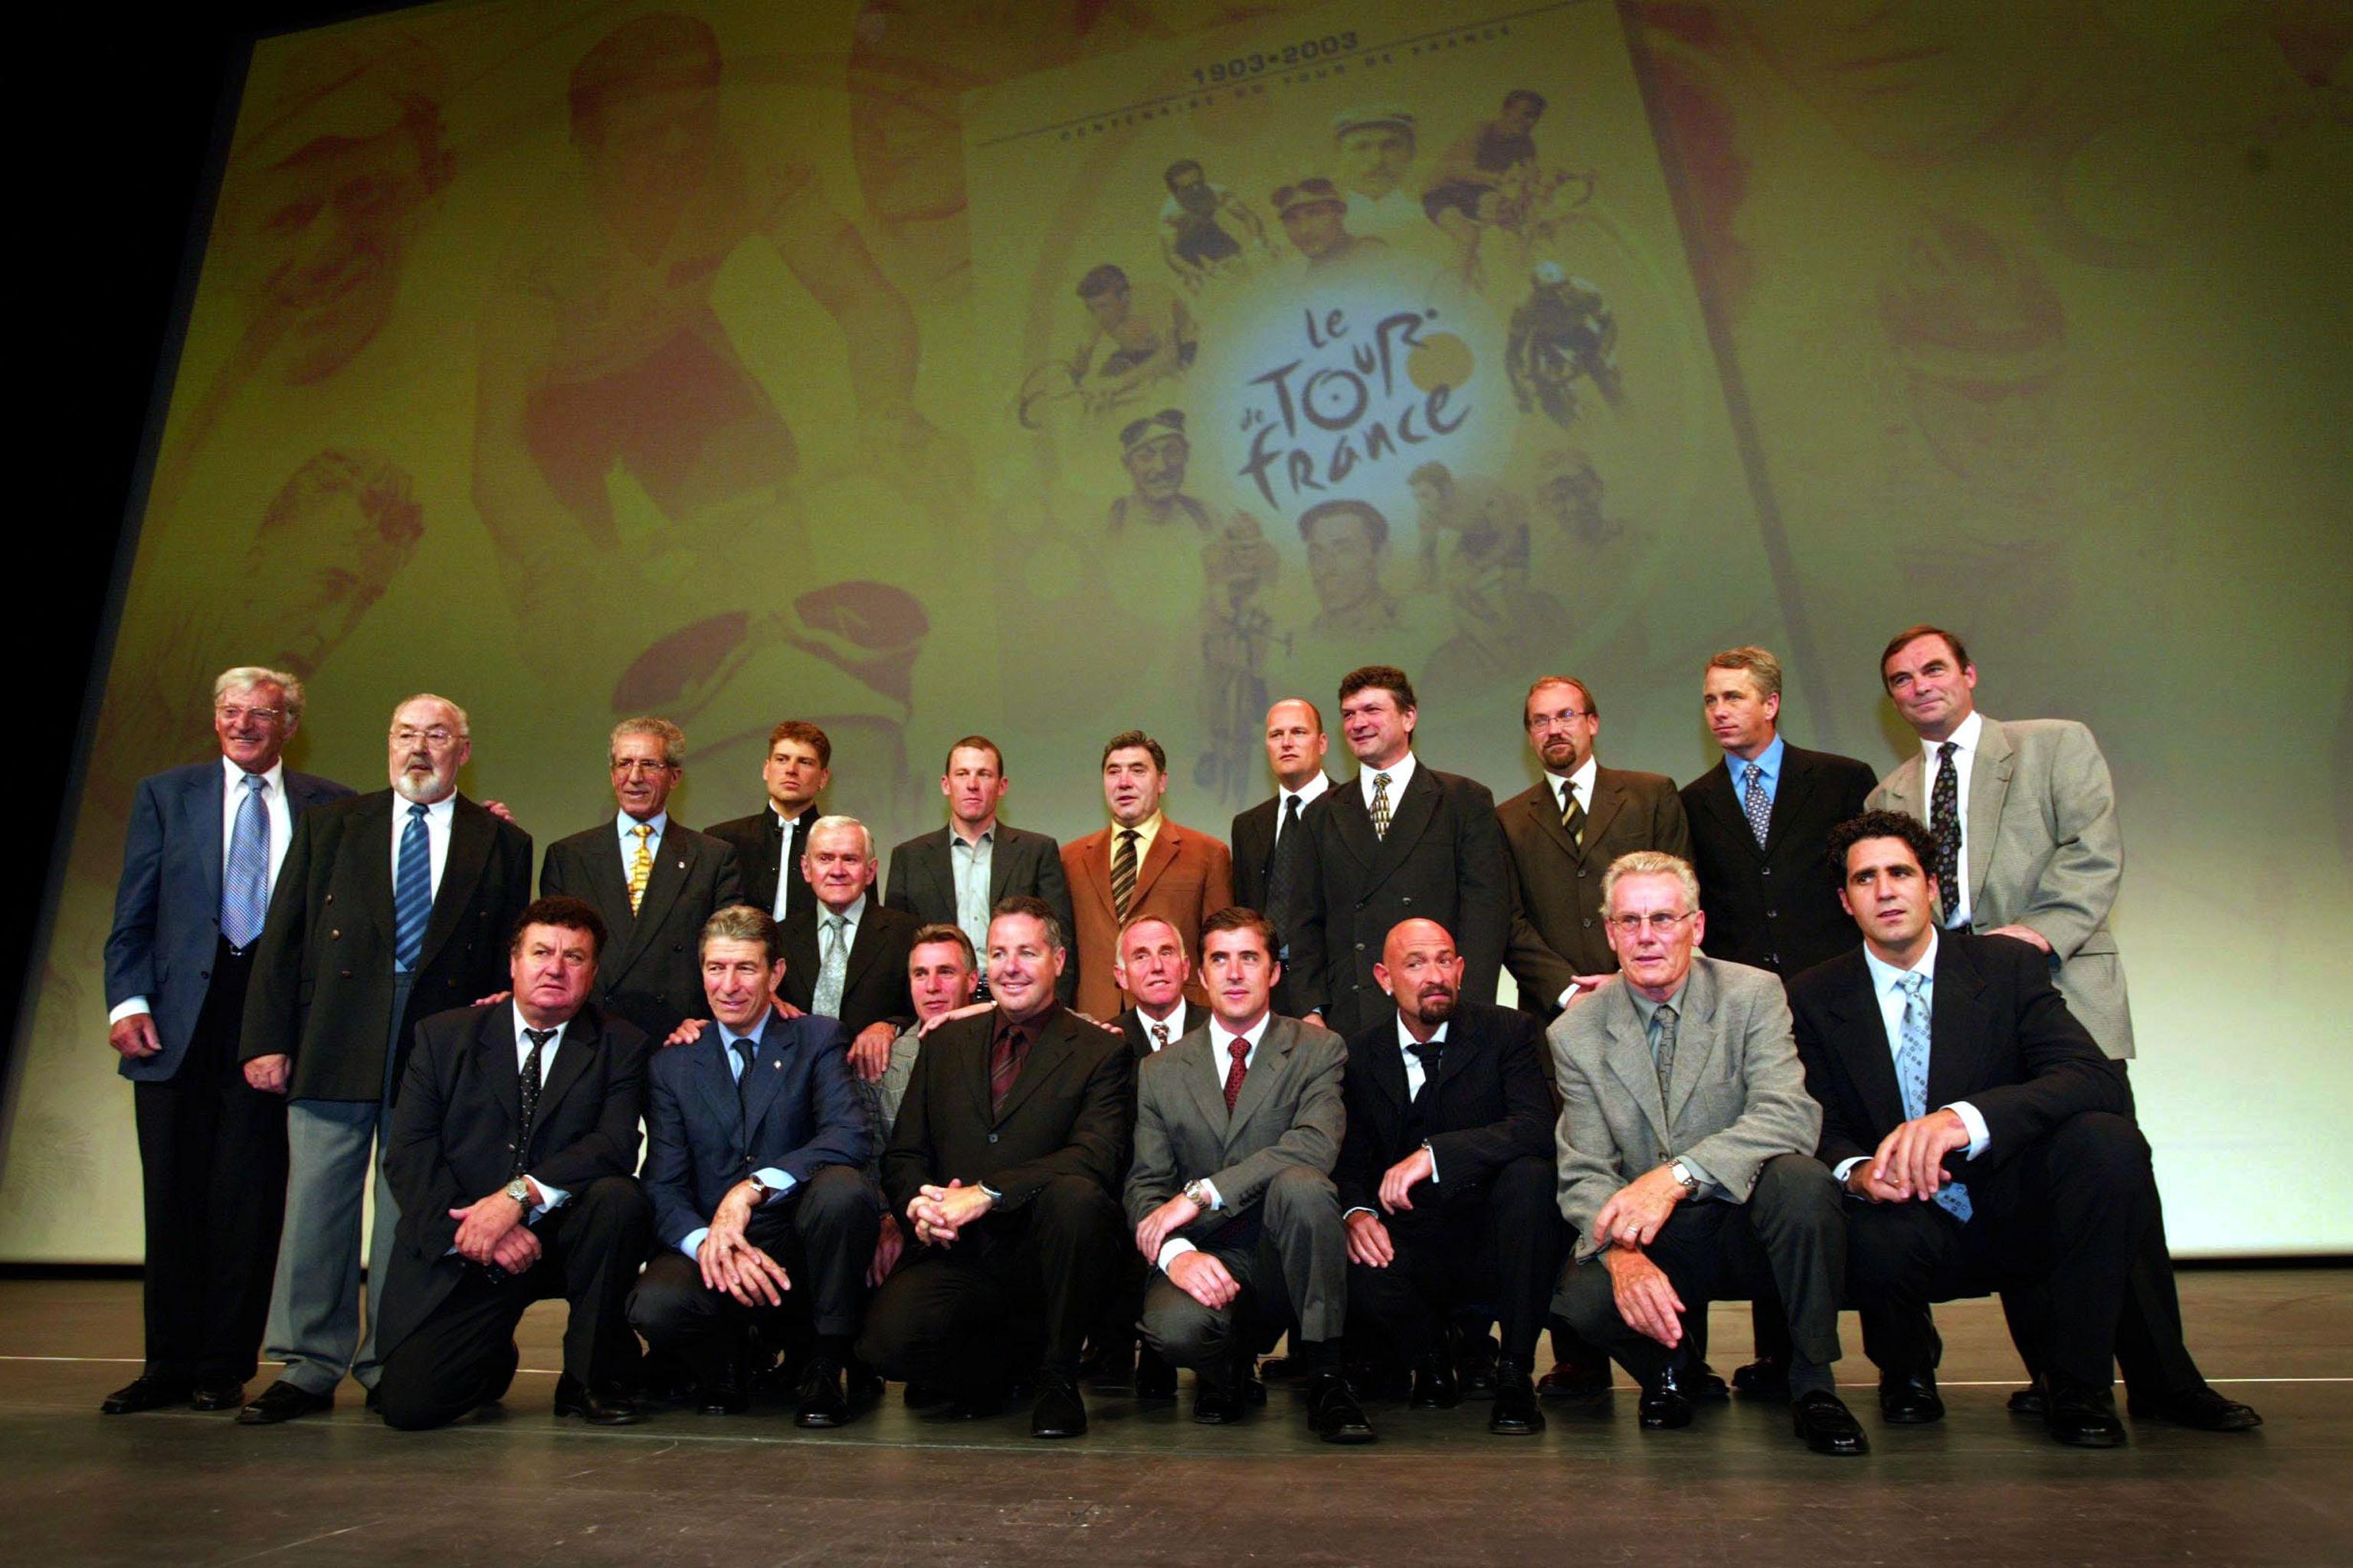 Palais de Congrès, 2002, The Tour de France's yellow jersey club